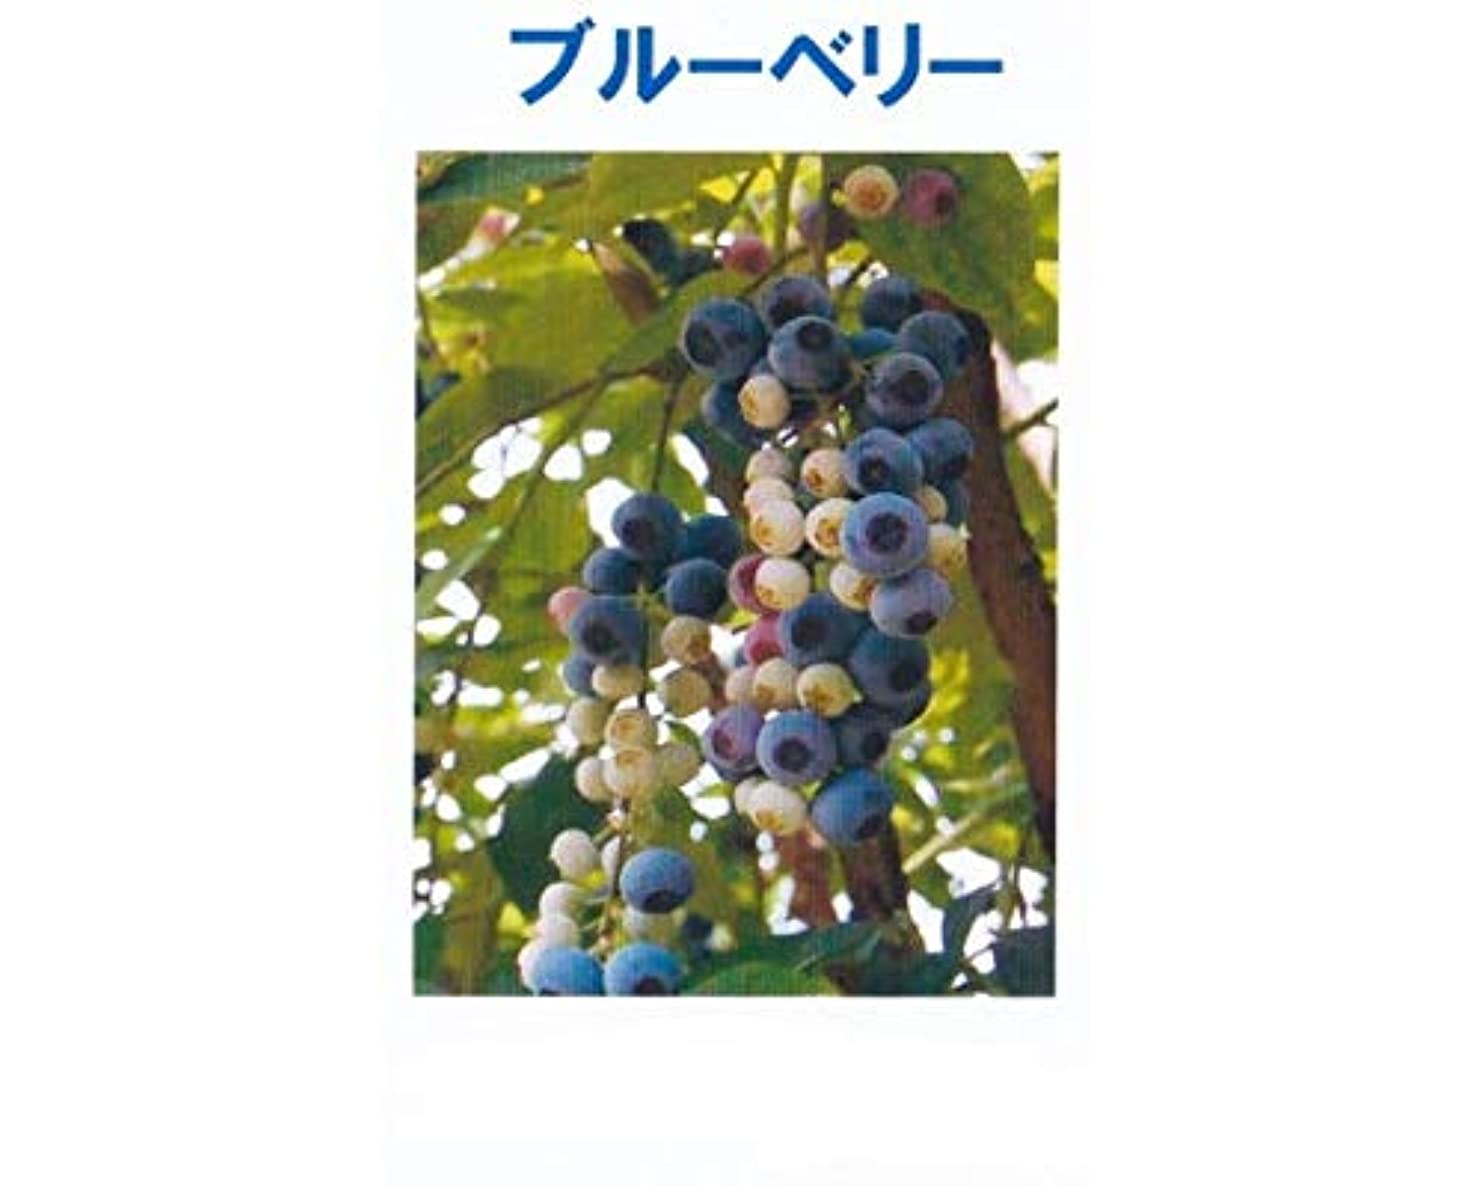 悪魔キャロラインインドアロマオイル ブルーベリー 5ml エッセンシャルオイル 100%天然成分